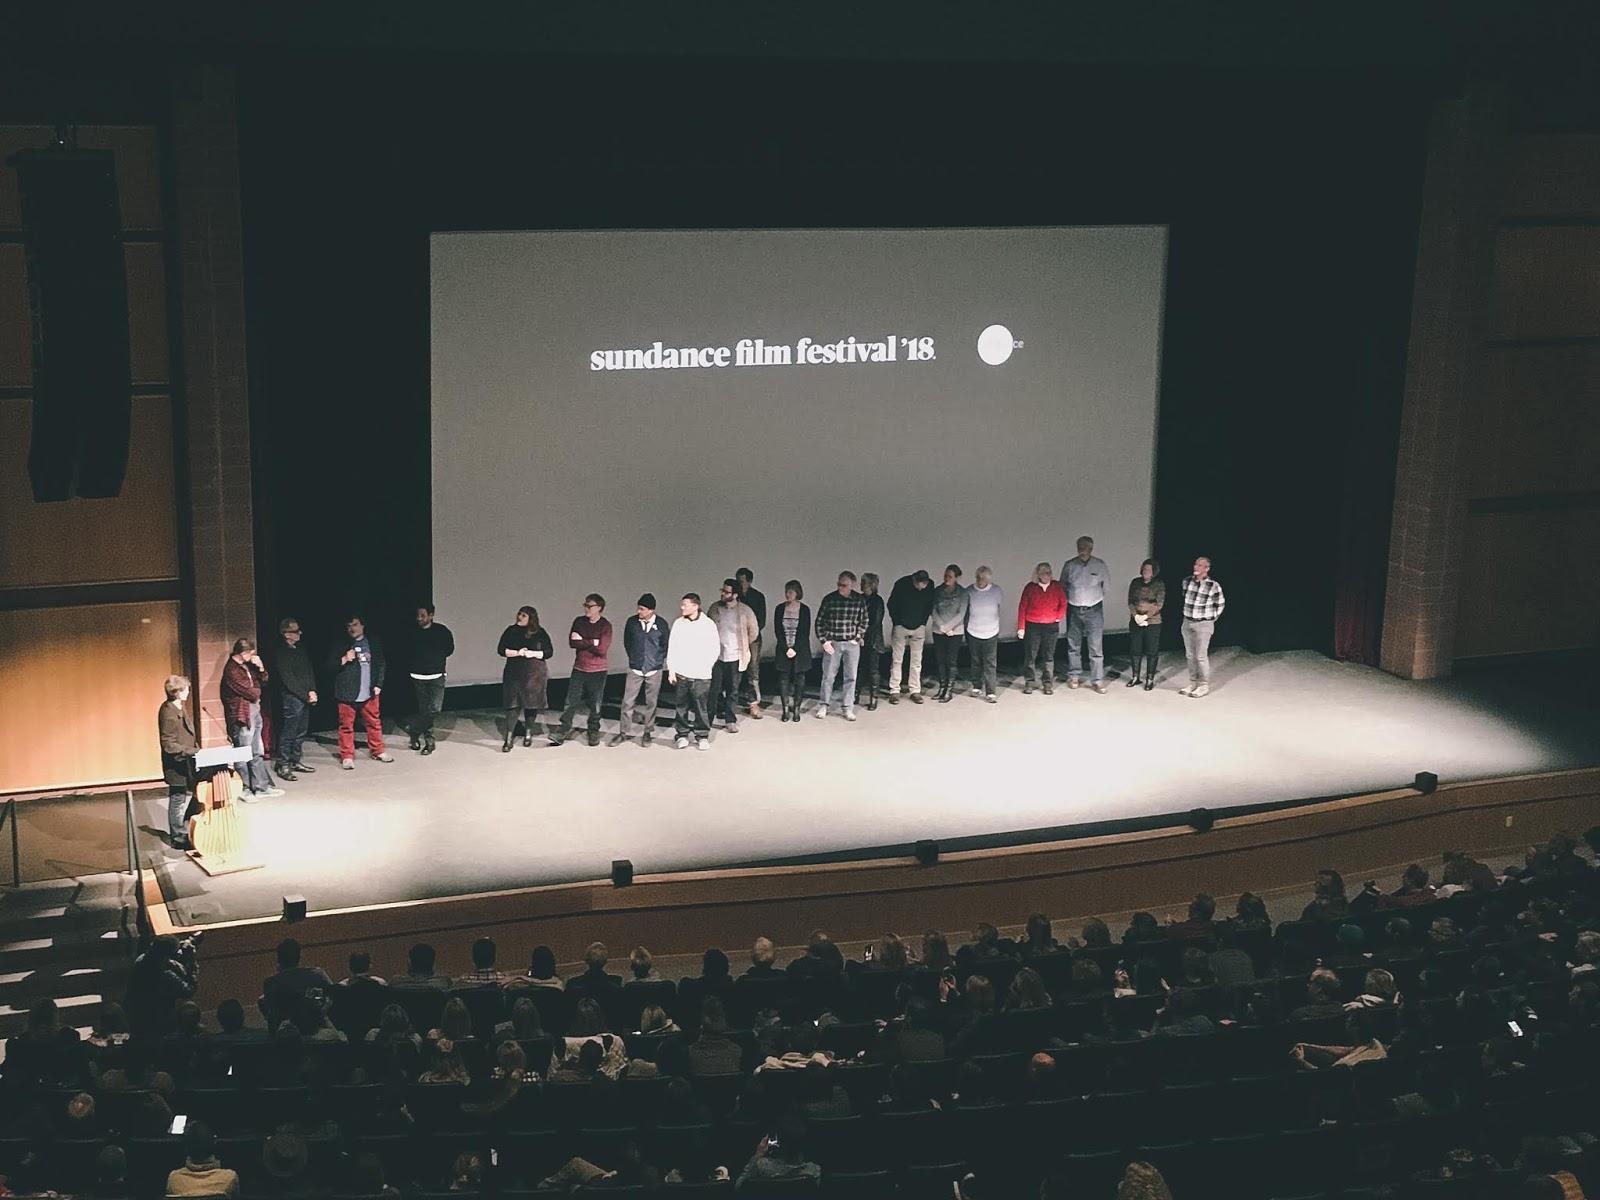 Sundance Film Festival Guide